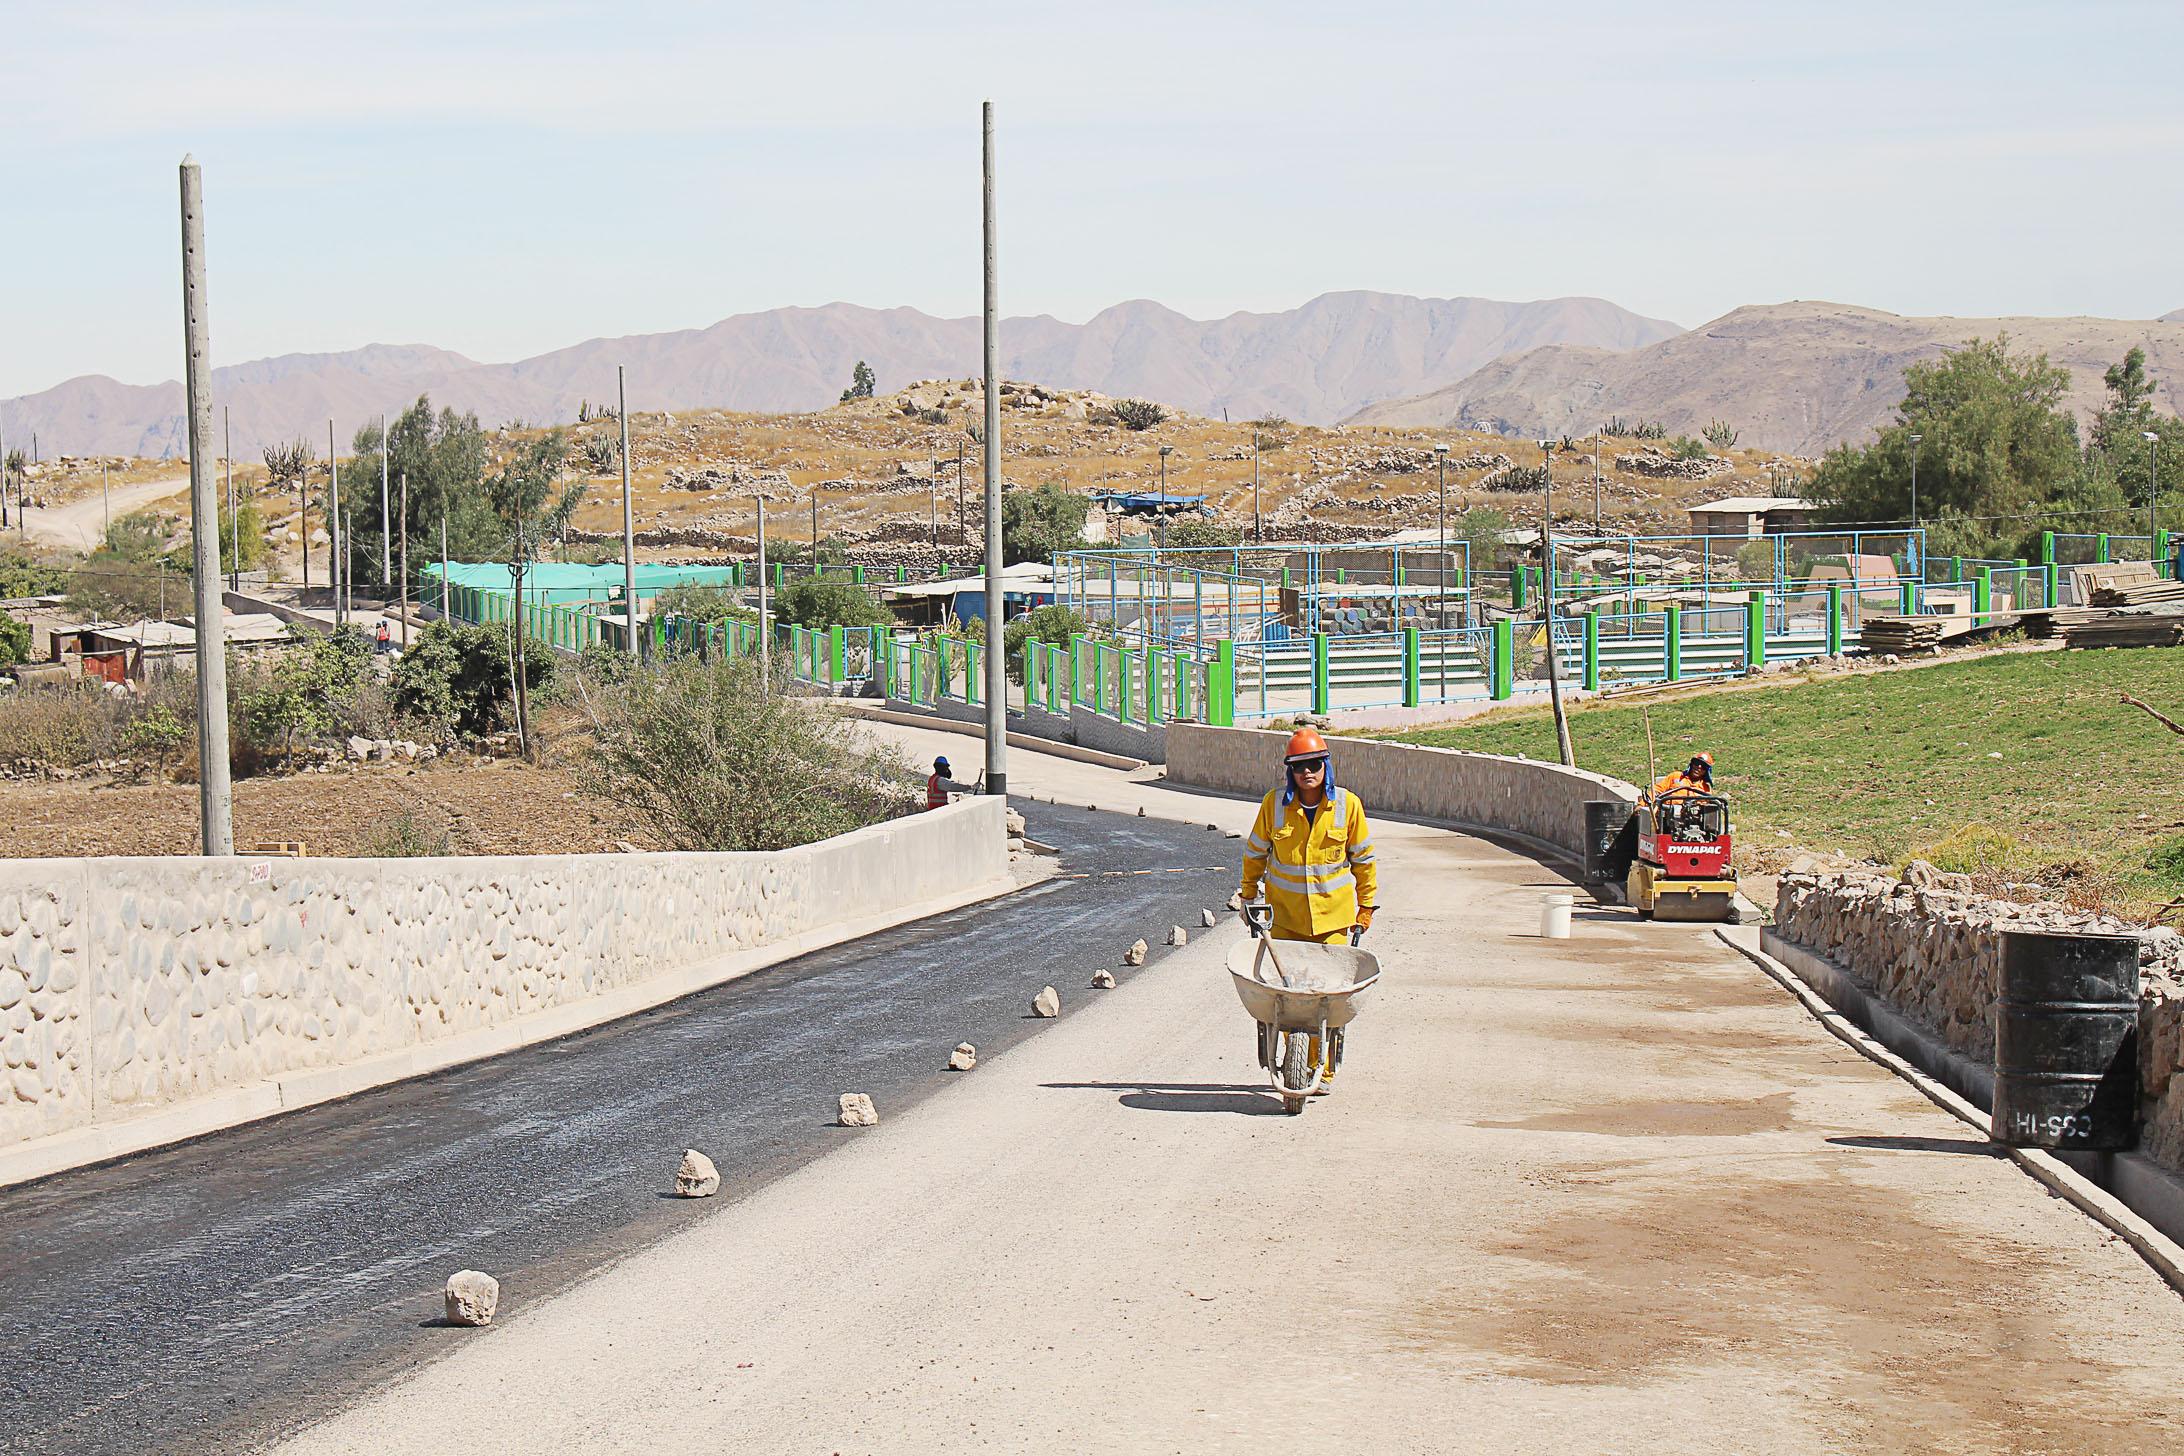 AGRICULTORES DE TORATA ALTA PRONTO CONTARÁN CON UNA VÍA ASFALTADA Y MEJORADA PARA TRANSPORTAR SUS PRODUCTOS